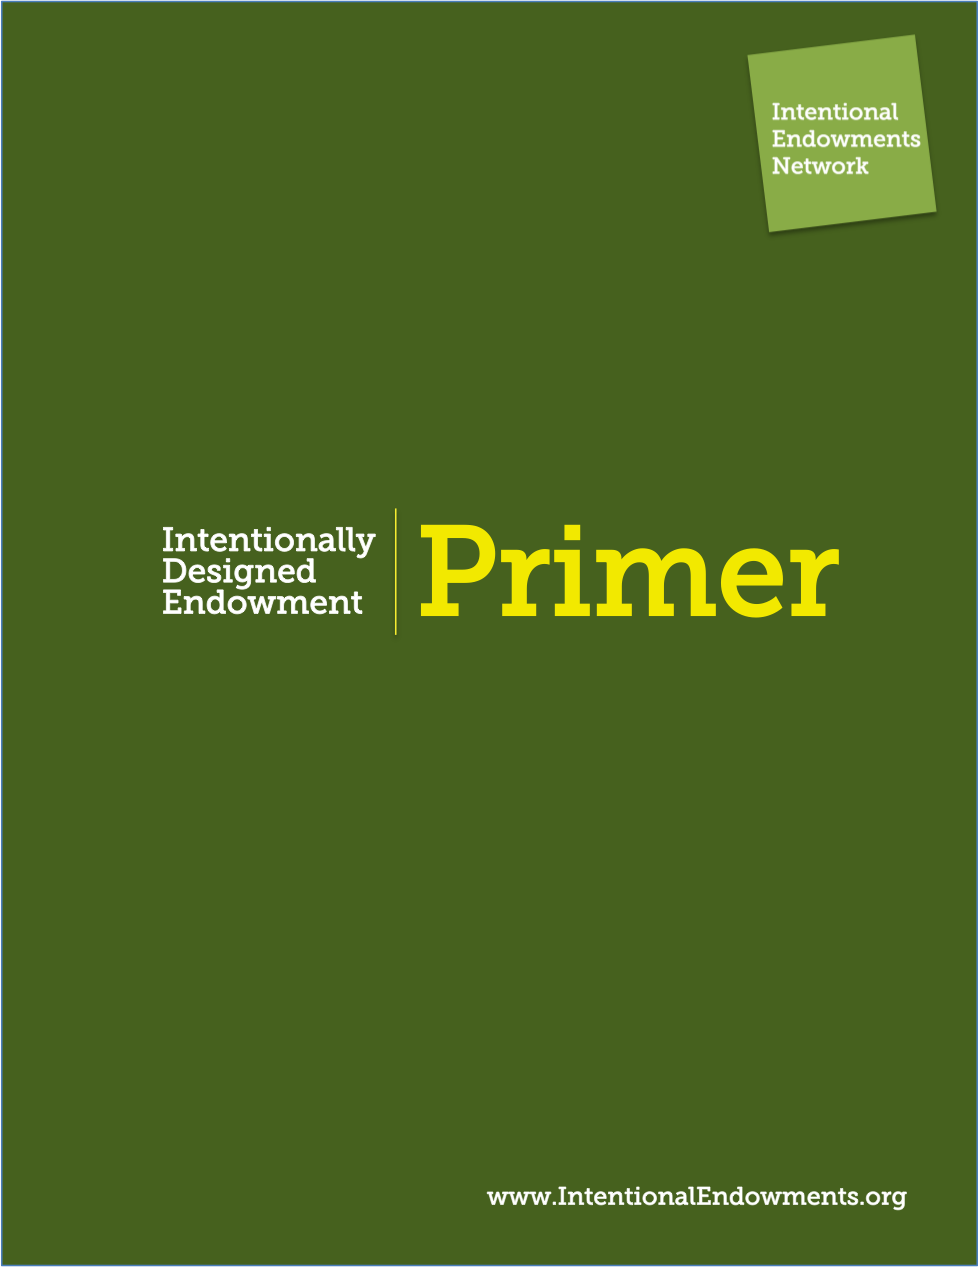 Primer-Cvr_2014-11-07.png